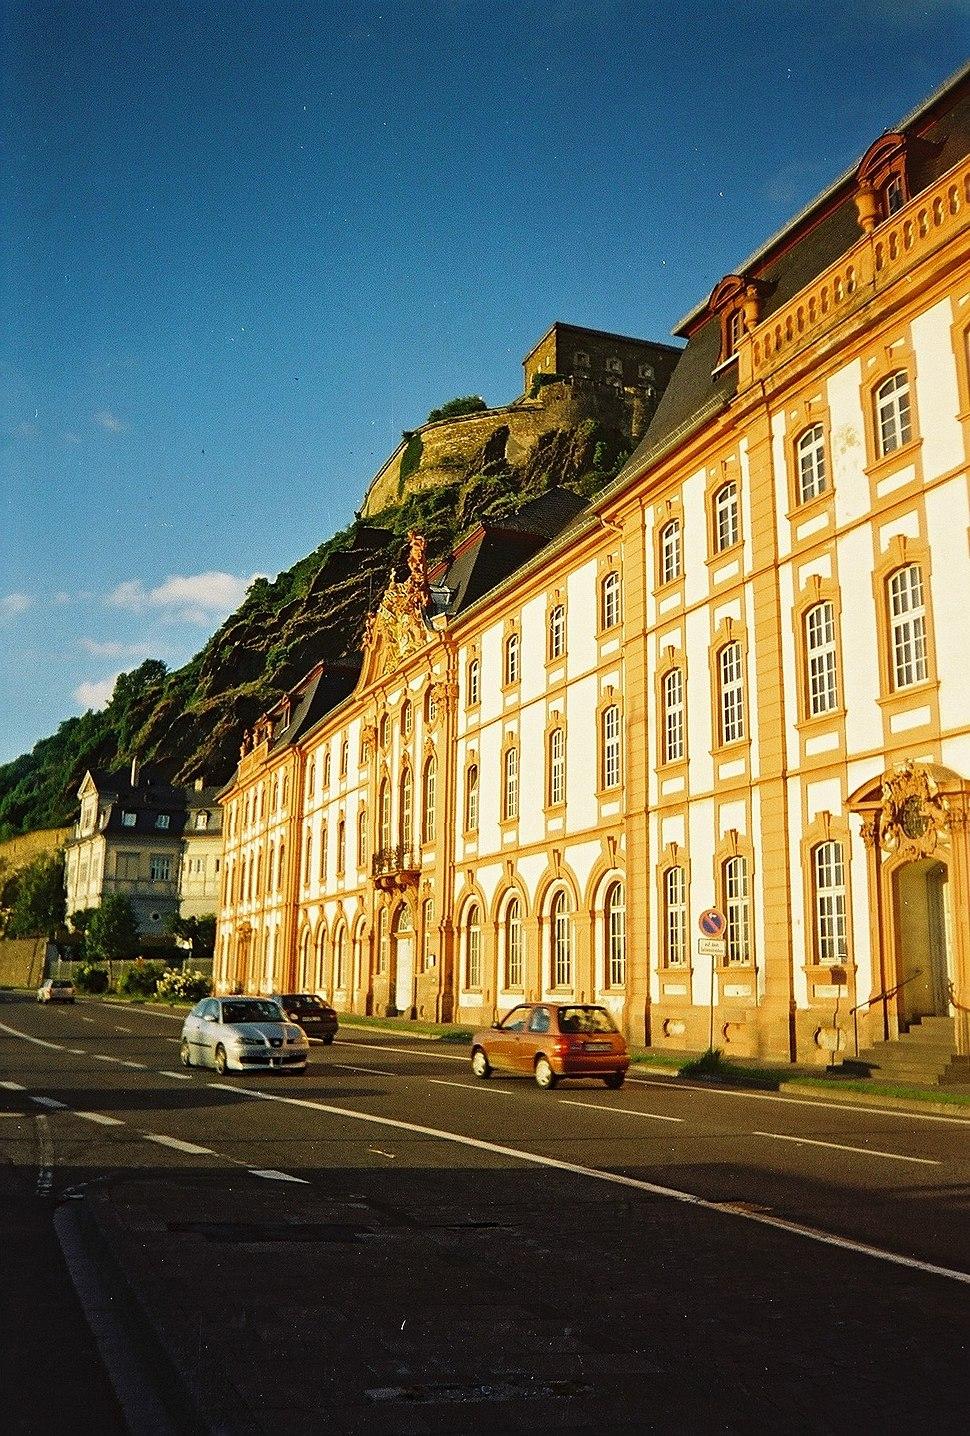 Koblenz castle and building